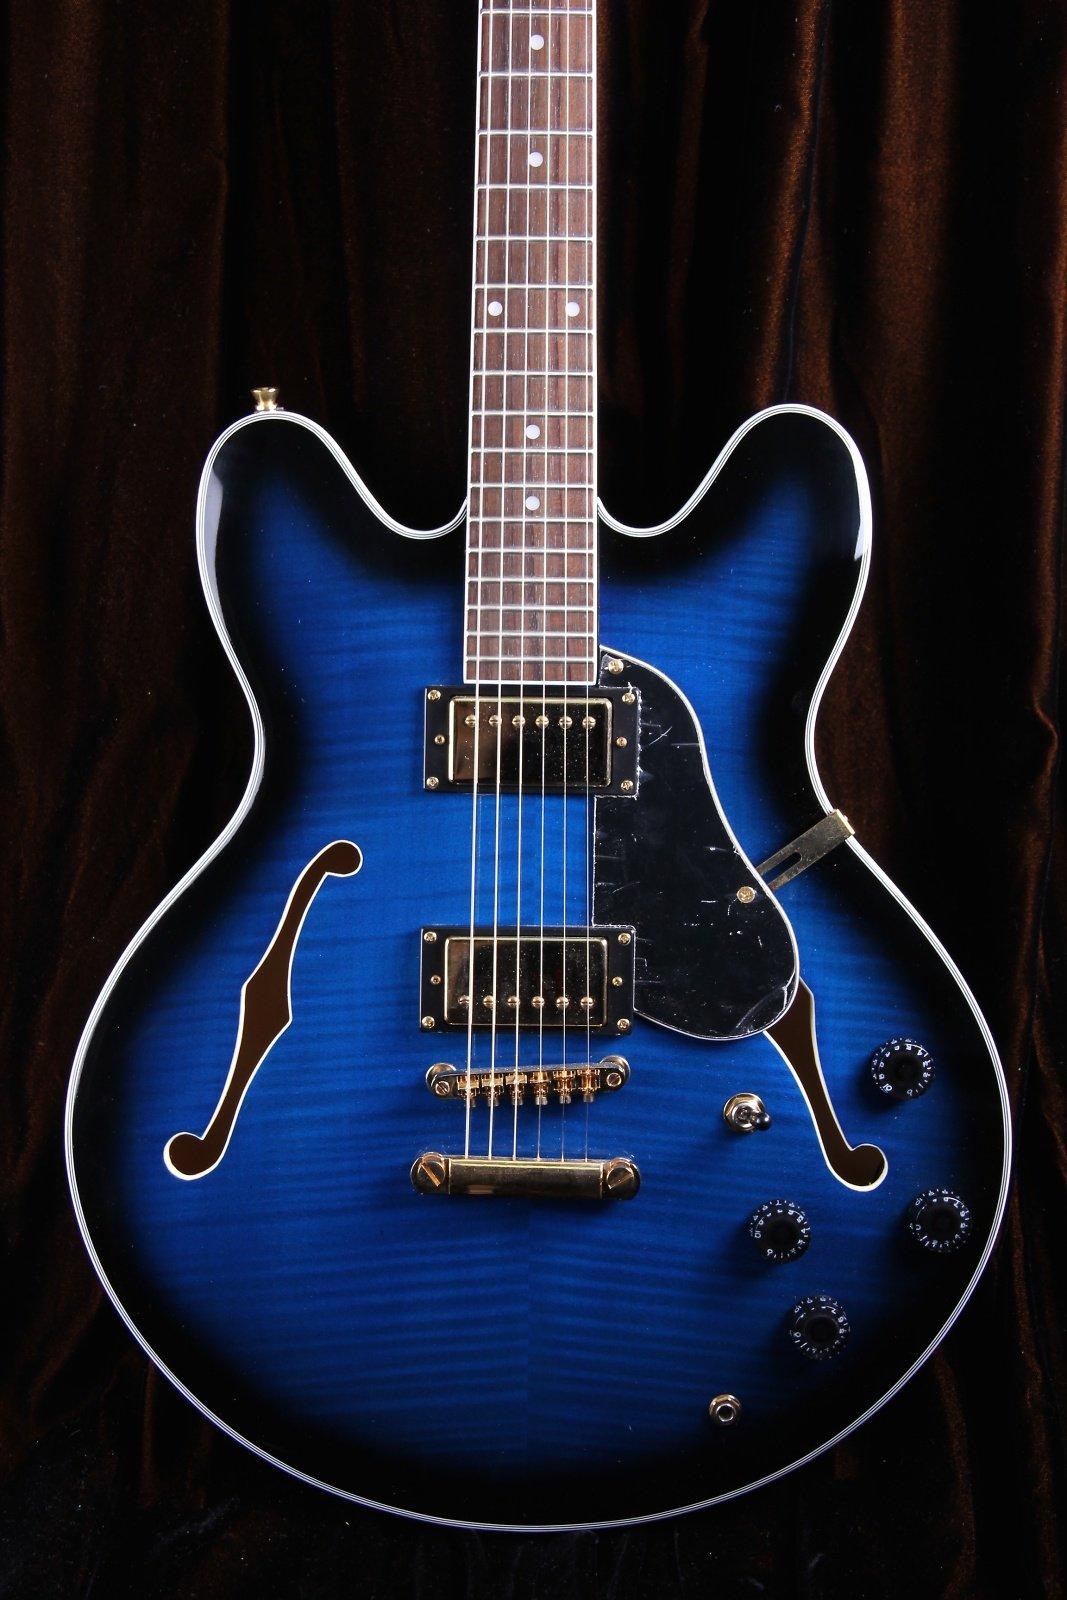 Oscar Schmidt OE30 Delta Blues Semi Hollow Electric Guitar, BlueBurst, OE30FBLB by Oscar Schmidt